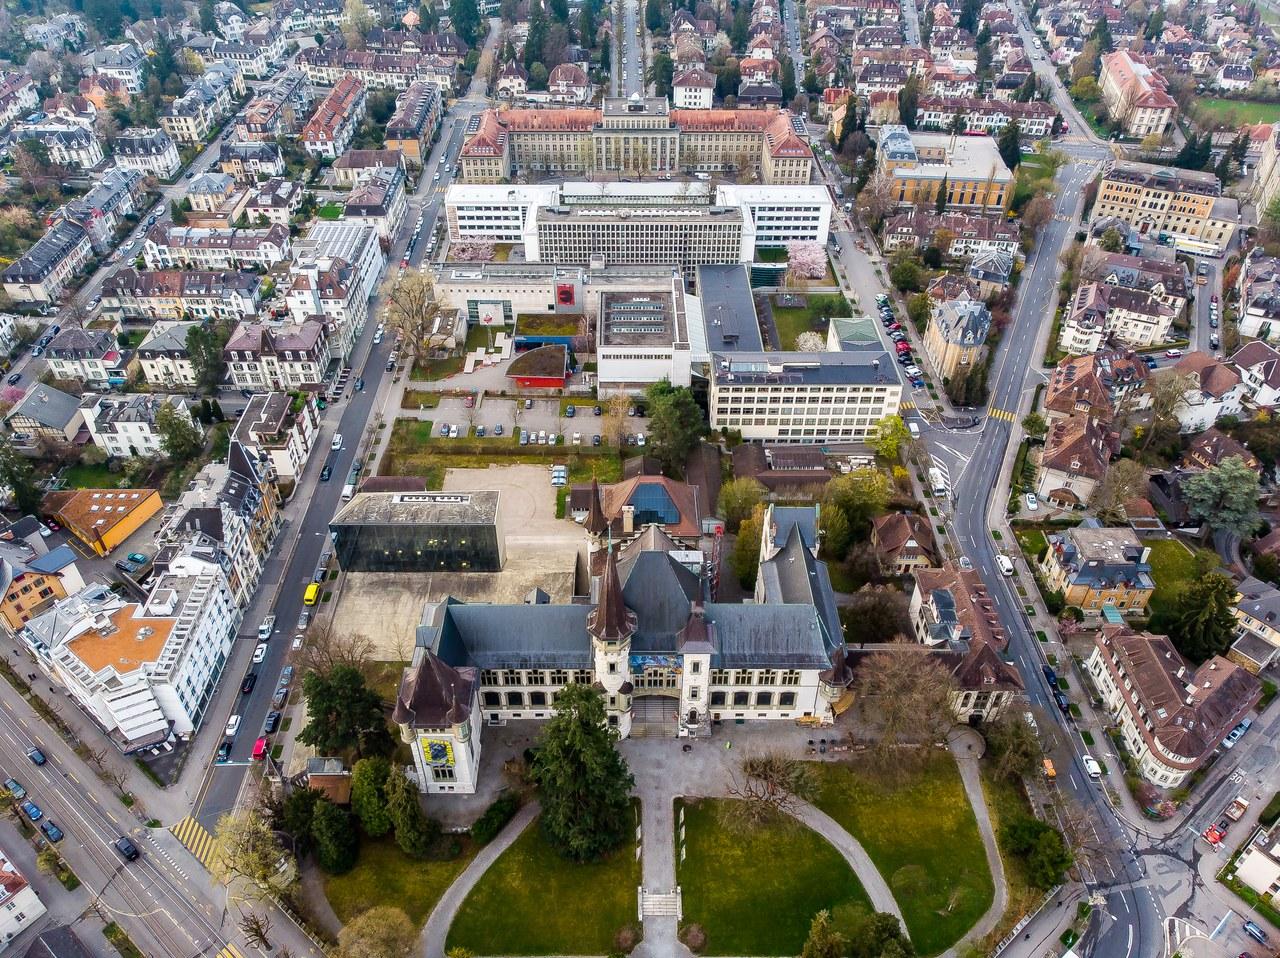 Das Luftbild zeigt das Museumsquartier Kirchenfeld mit dem Historischen Museum im Vordergrund.